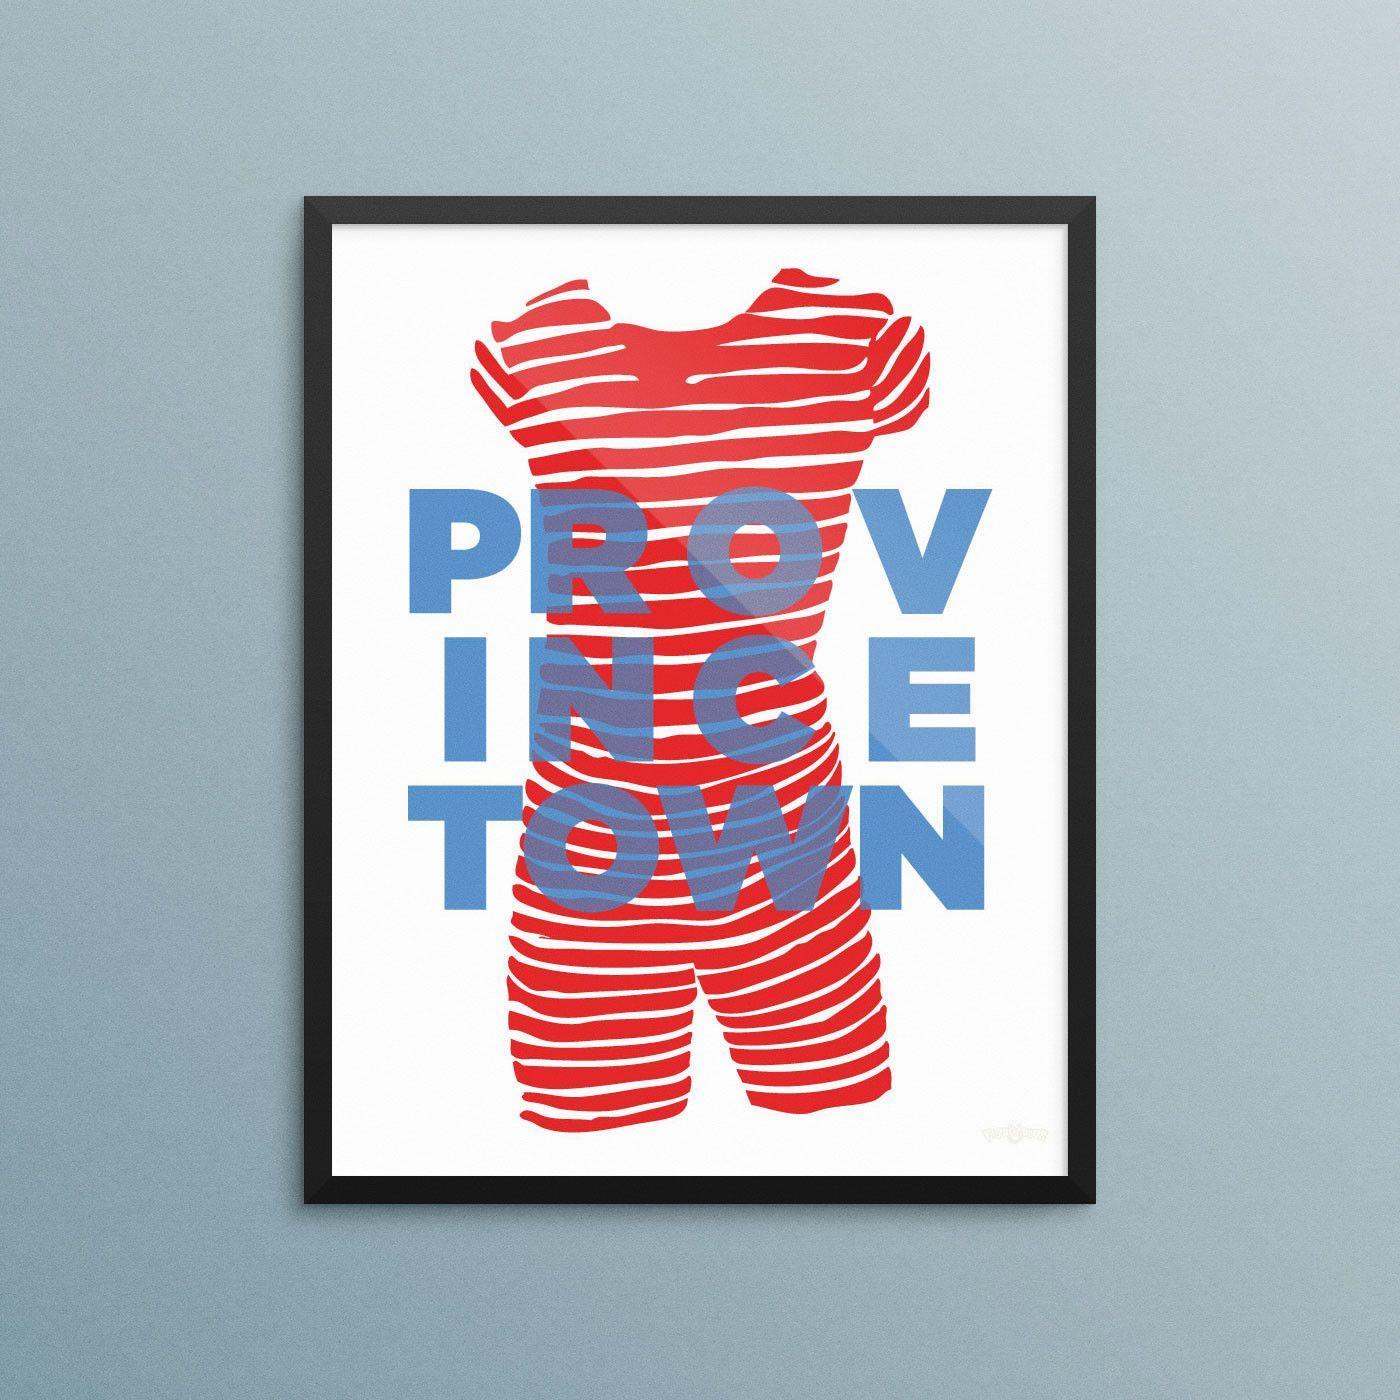 Provincetown Beaches Men's Bathing Suit Prints #mensbathingsuits